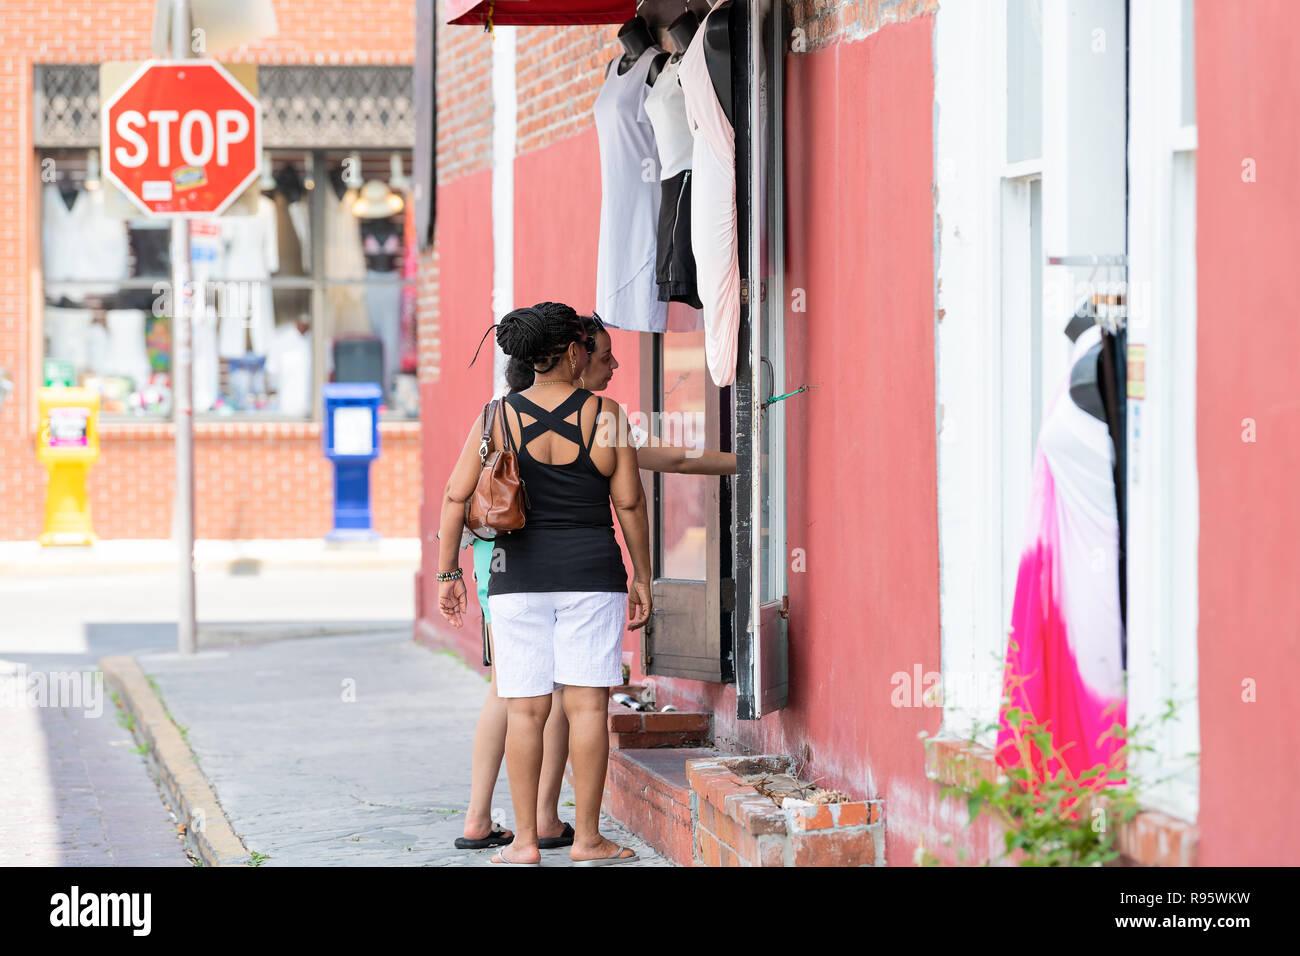 efcb9673330295 Key West, USA - Mai 1, 2018: Zwei Frauen stehen auf der Straße,  Bürgersteig, Straße, Einkaufen, die Wahl von Kleidung, Kleidung Shop,  Kleidung kleine ...